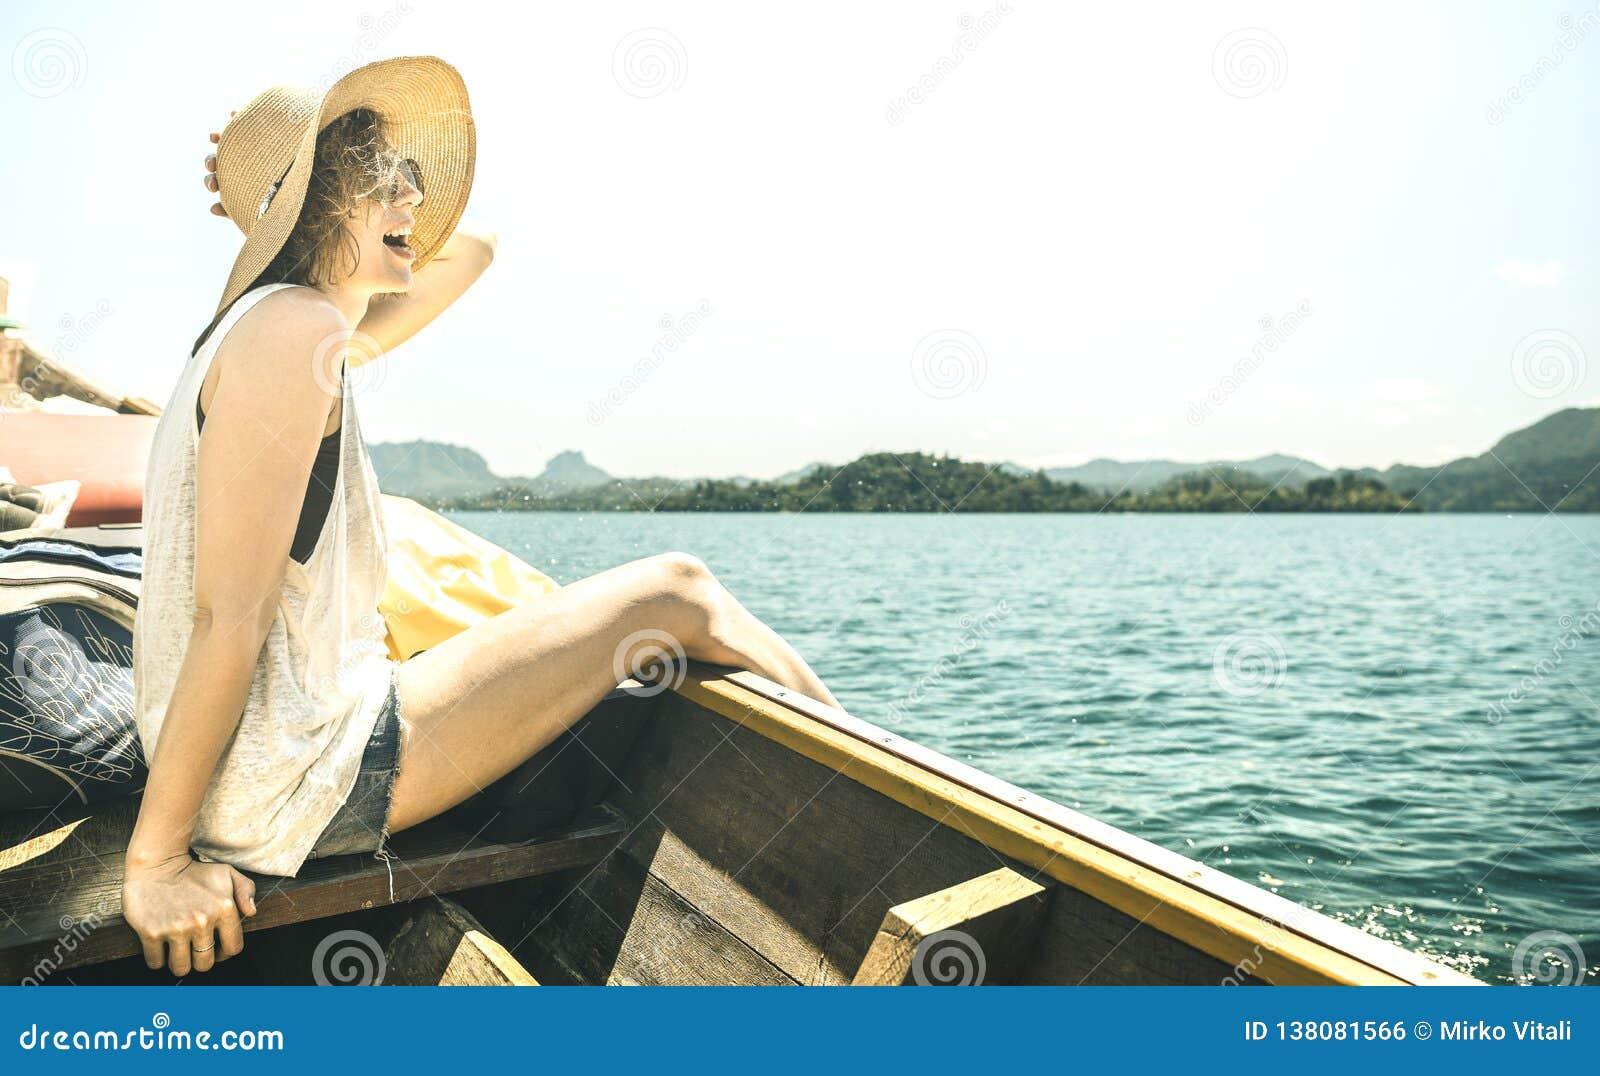 小船旅行游览的在湖-旅行癖与冒险女孩旅游流浪汉的旅行概念年轻女人独奏旅客